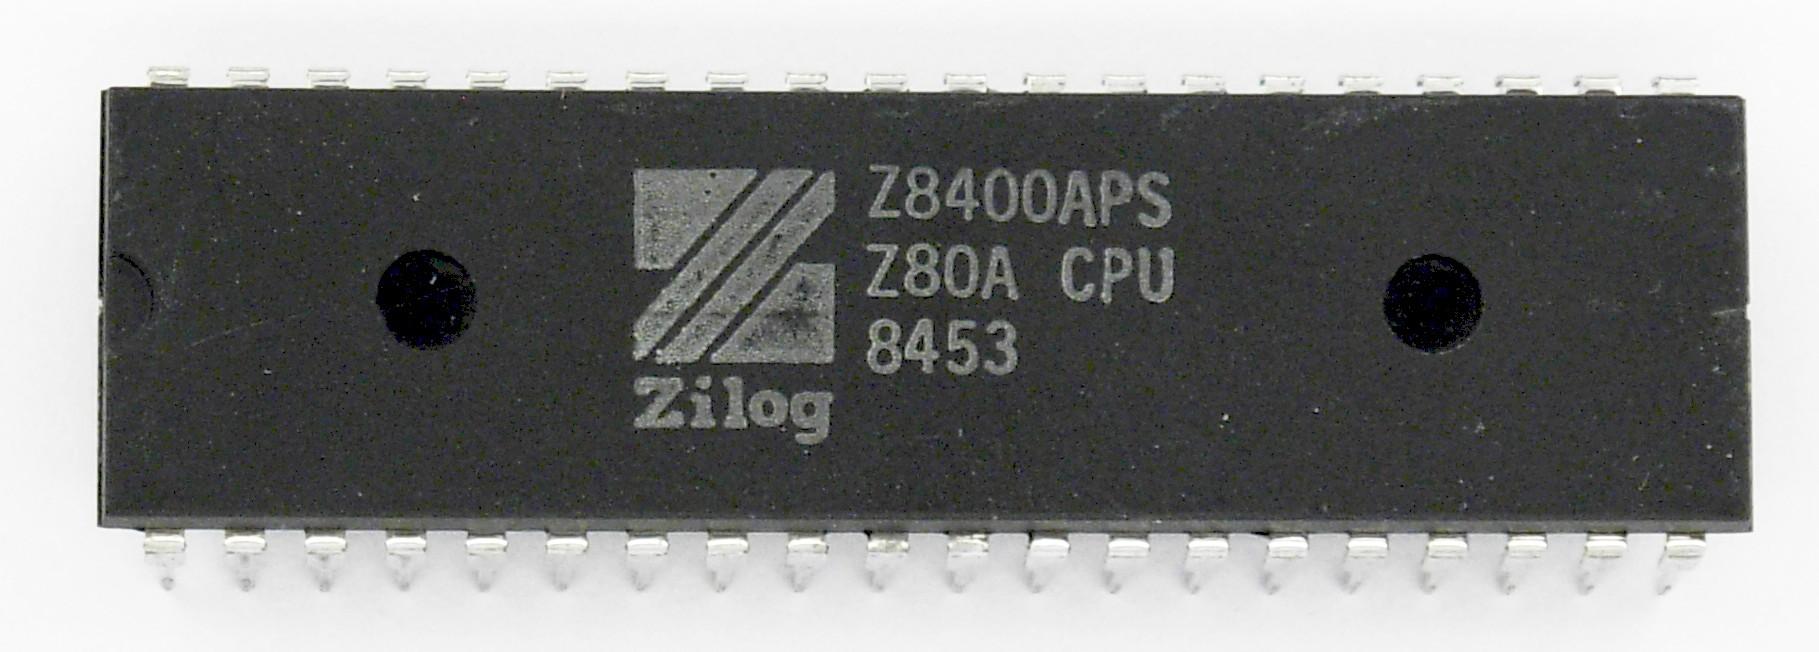 Zilog Z80A processor